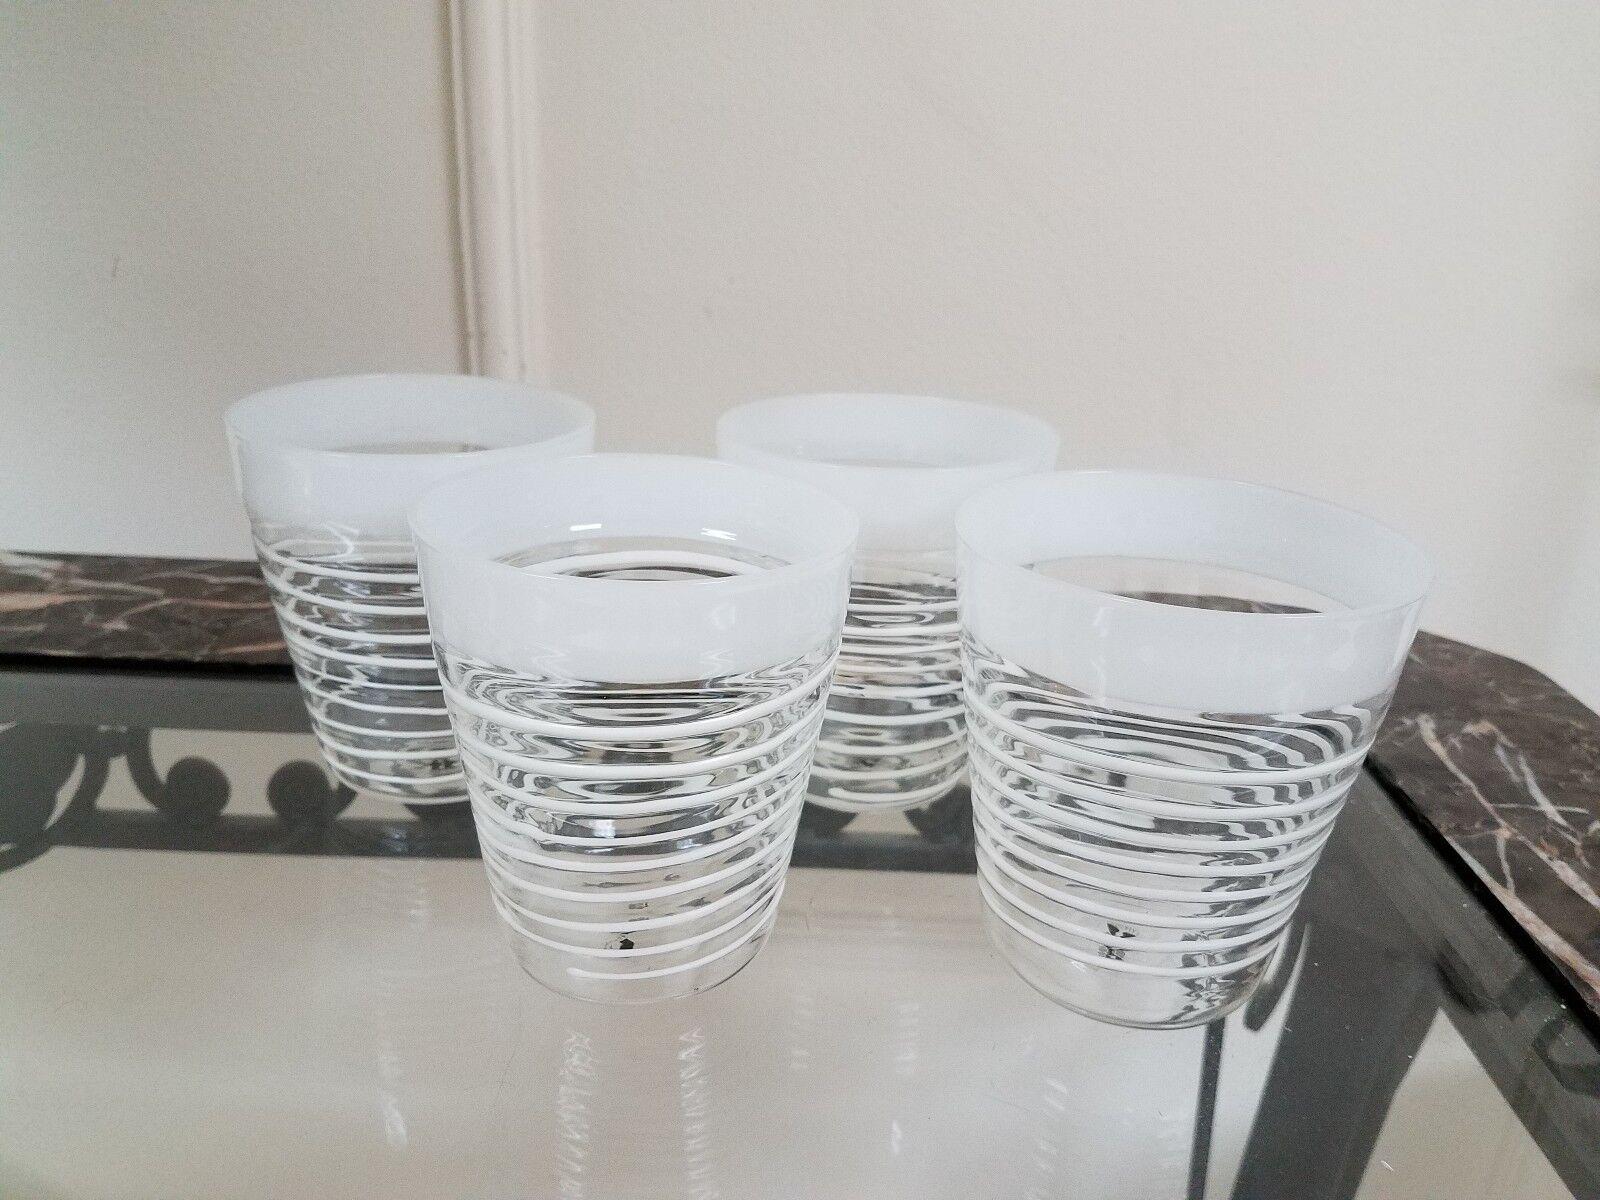 Juego de 4 Vaso De Vidrio.. Abigails Isola Espiral blancoo, 4  X 4.25  X 4  Nuevo